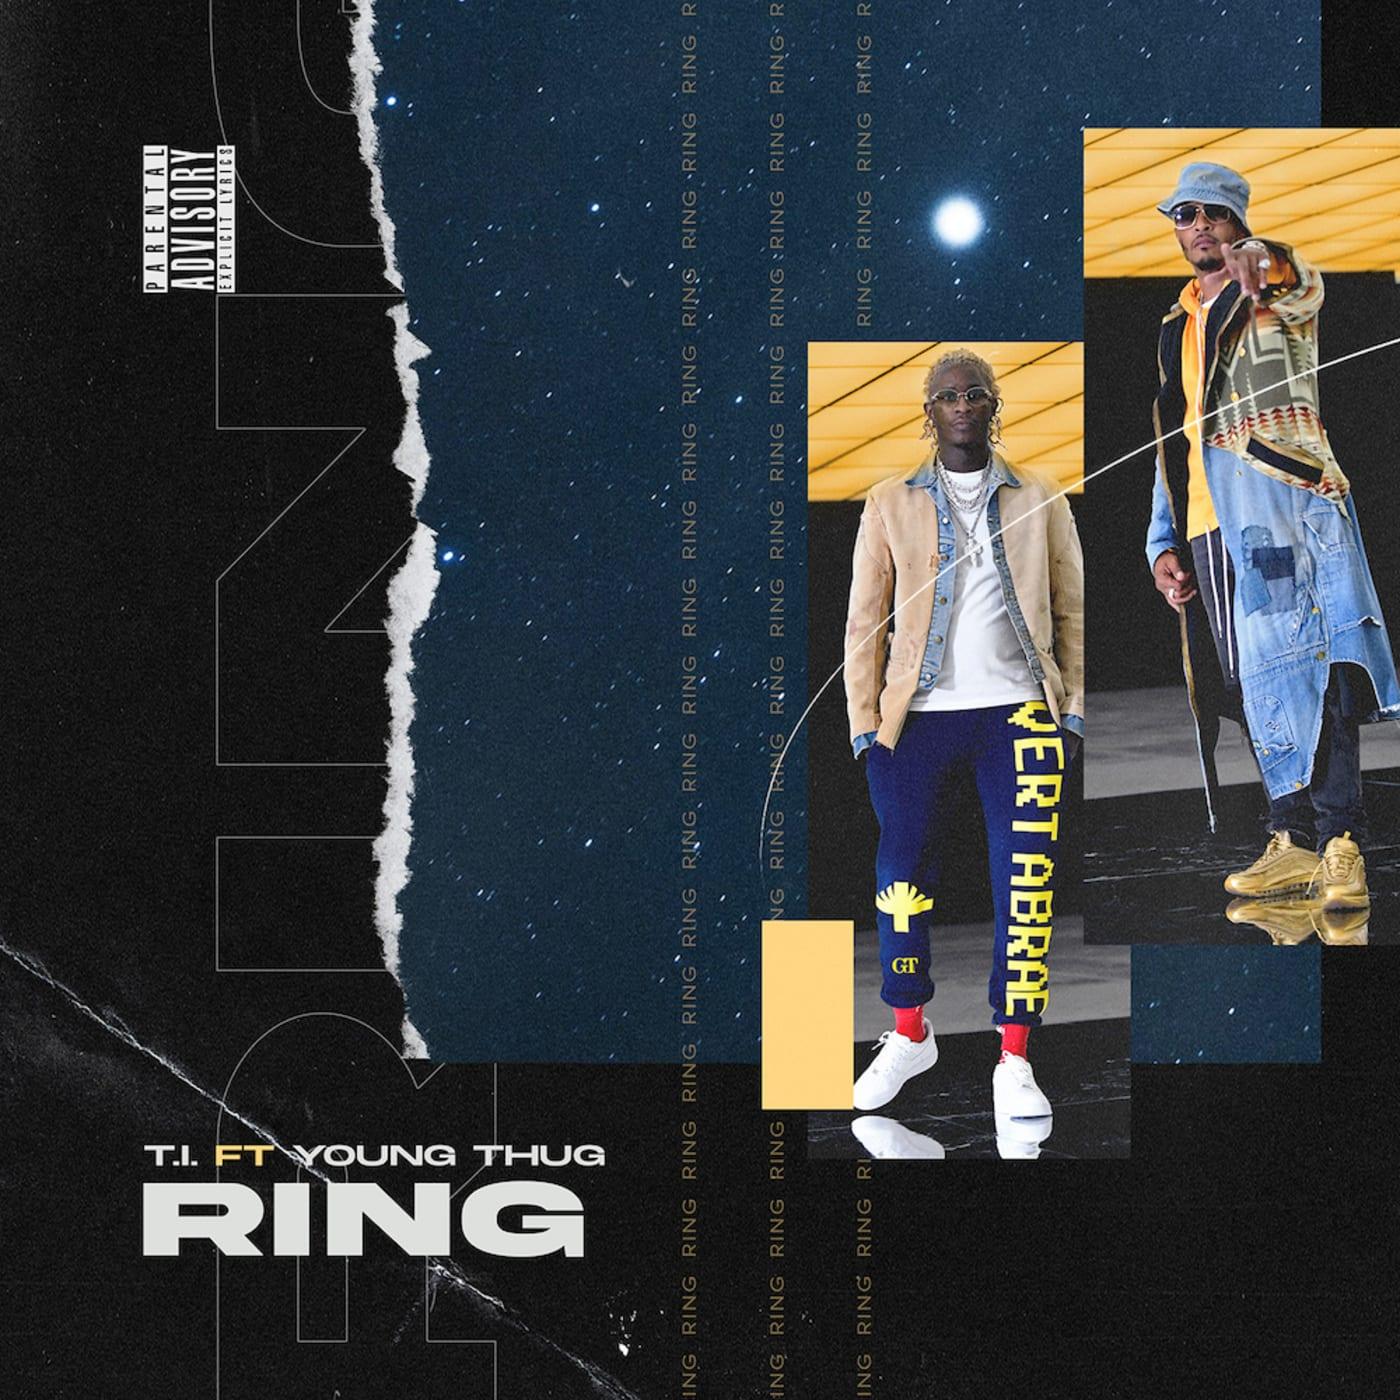 ti young thug ring